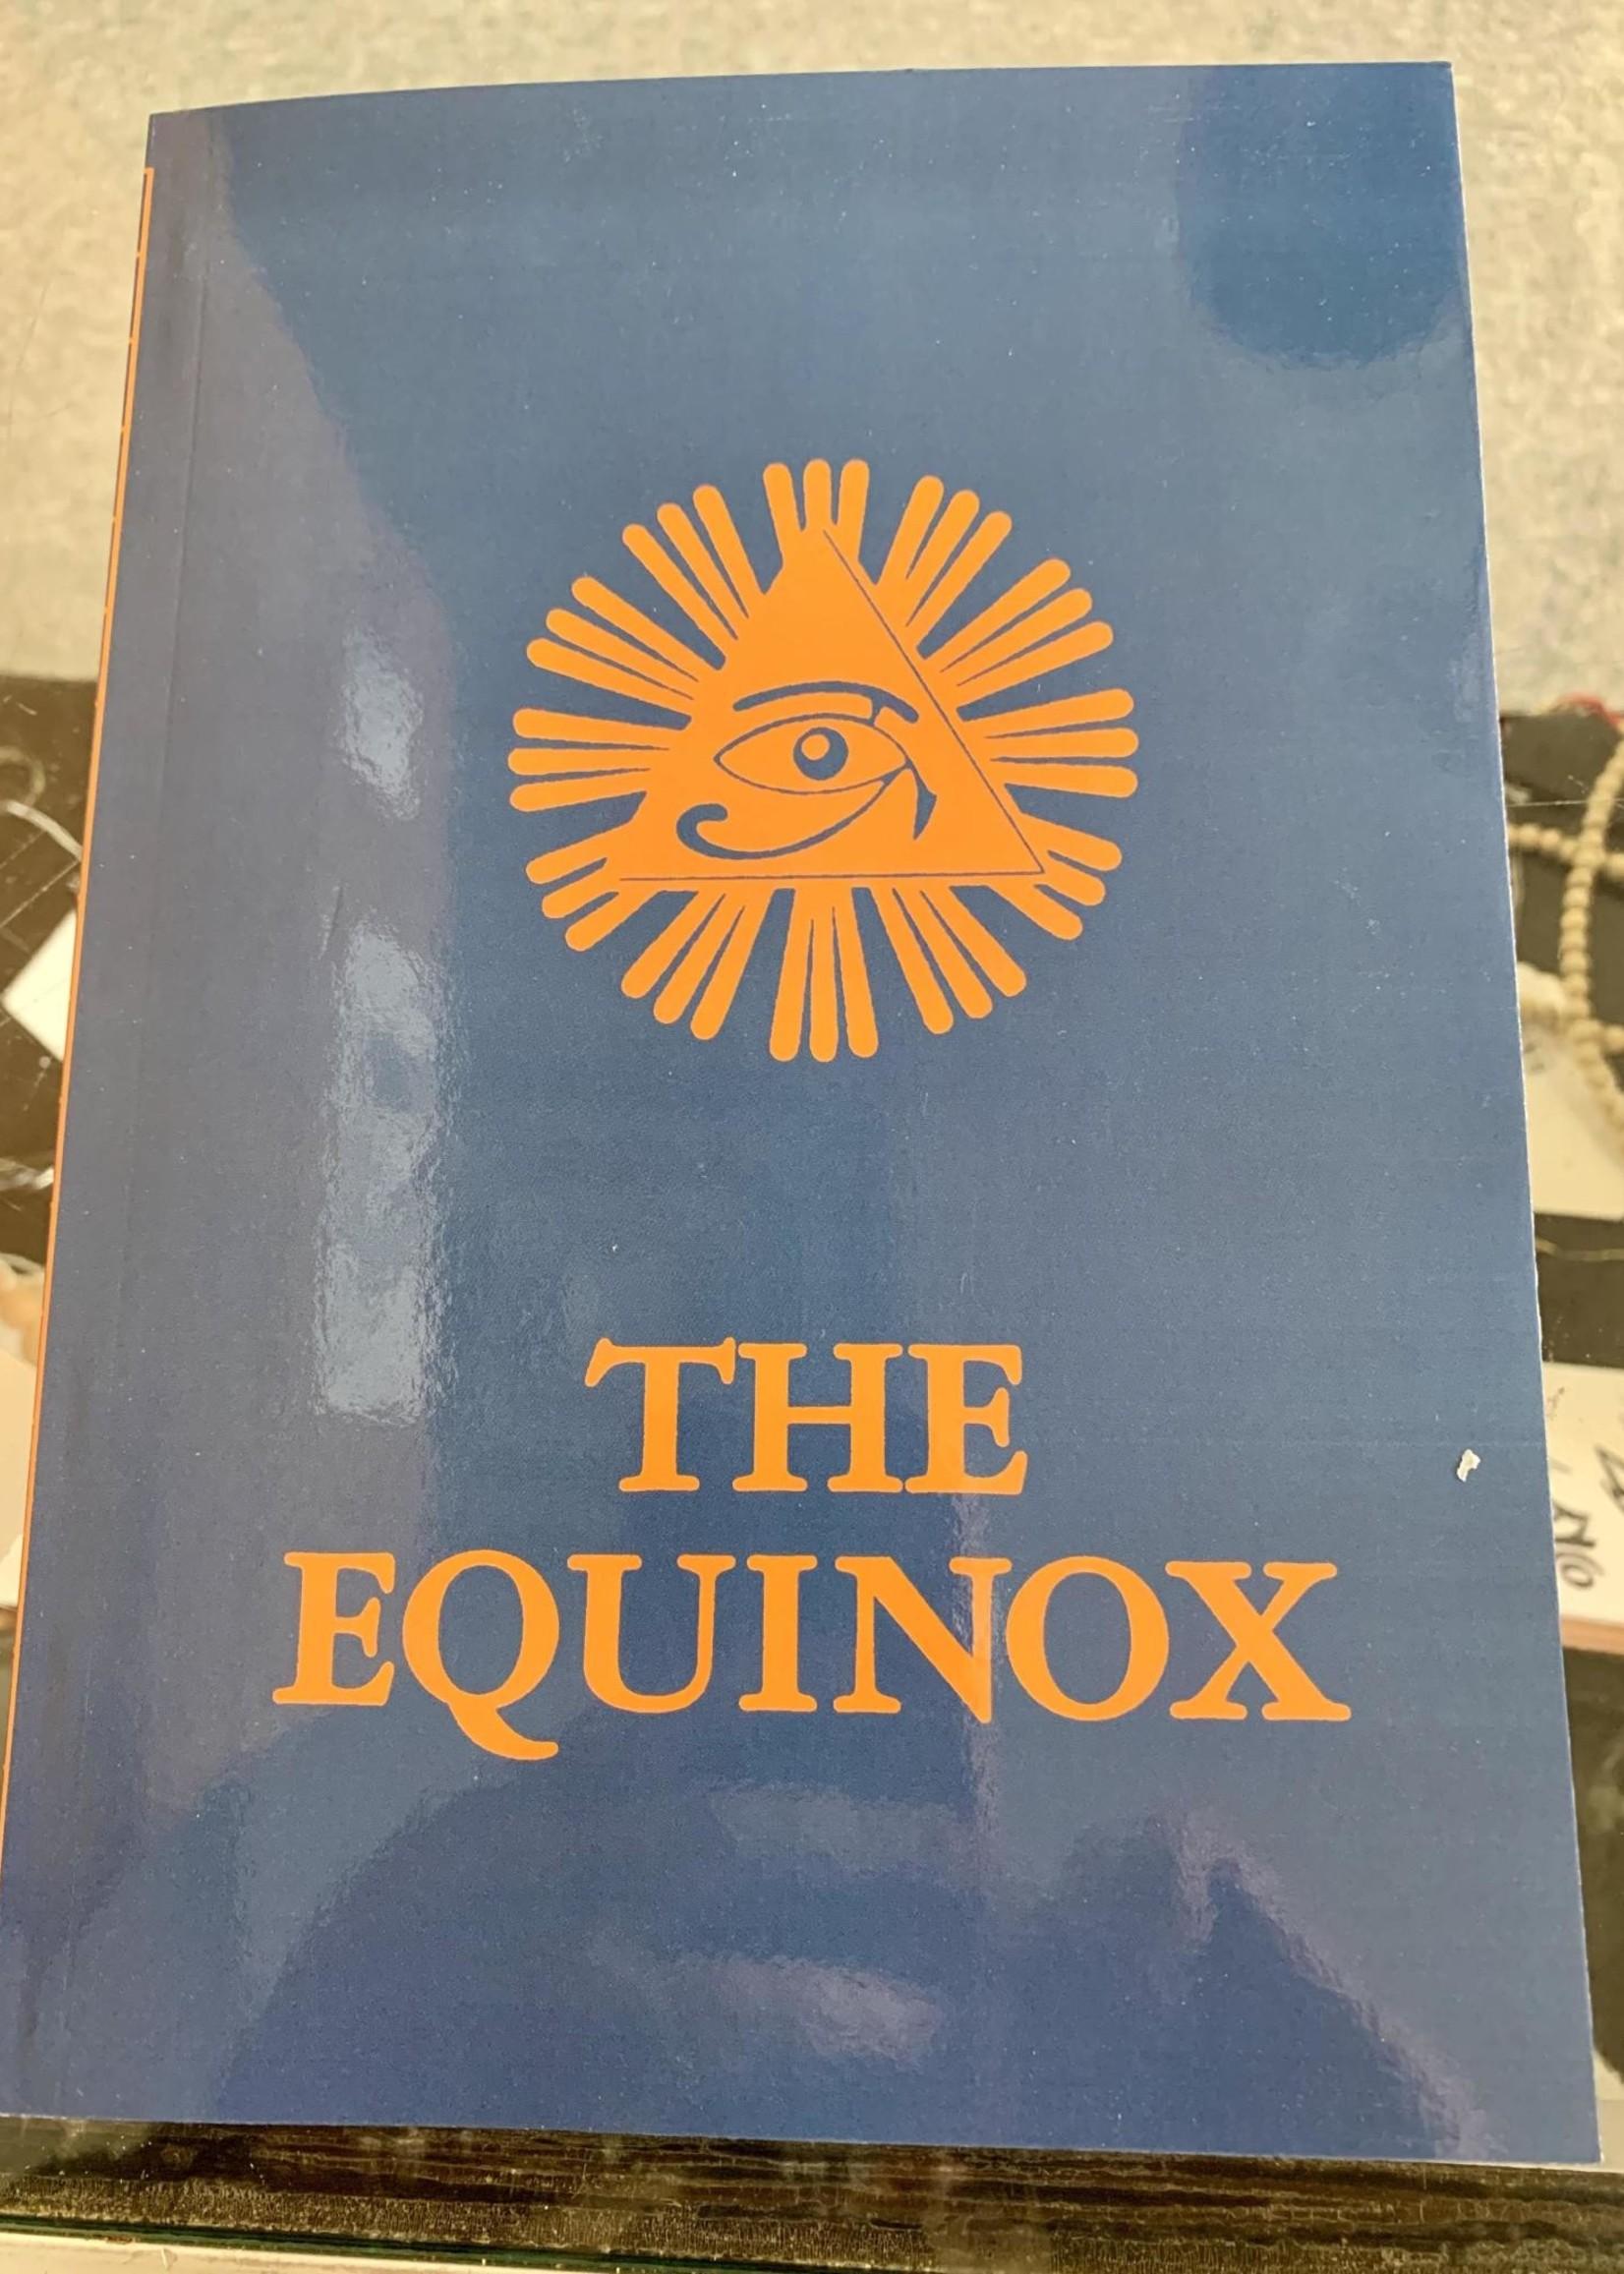 The Blue Equinox The Equinox, Vol. III, No. 1 - Aleister Crowley